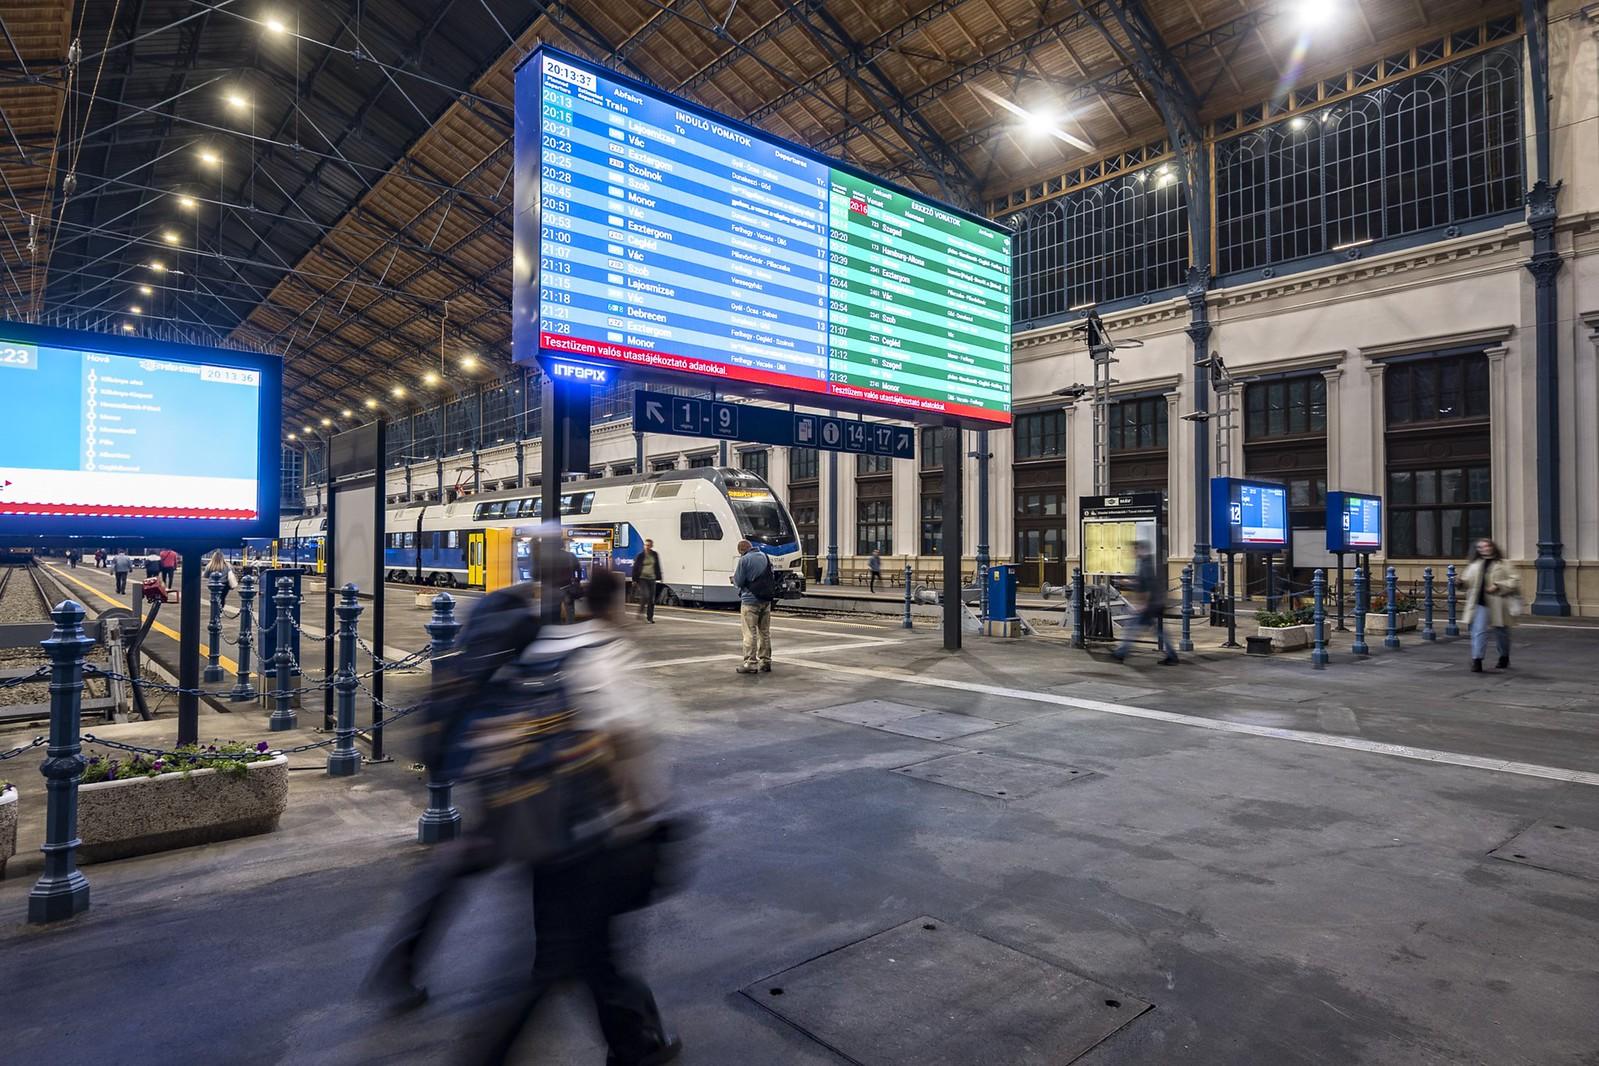 Megnyitott kedd este a Nyugati pályaudvar utascsarnoka, nagyon szép lett